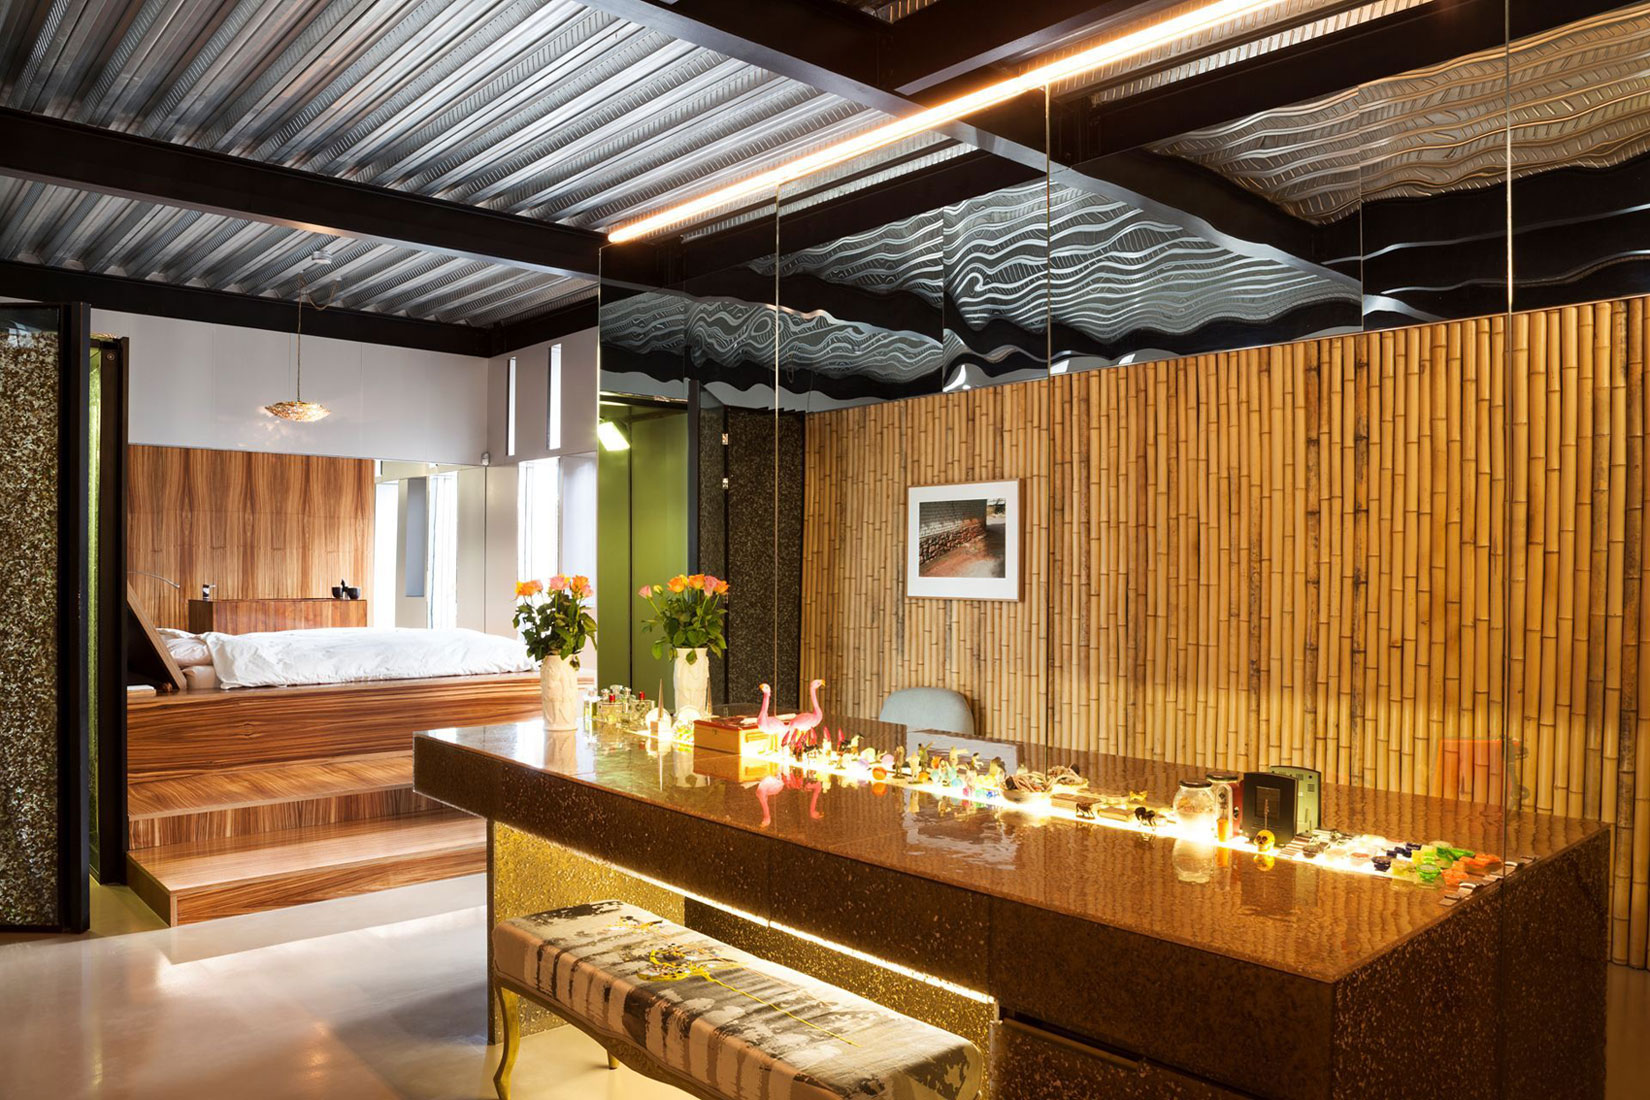 Silverlight Home in West London by Adjaye Associates-15